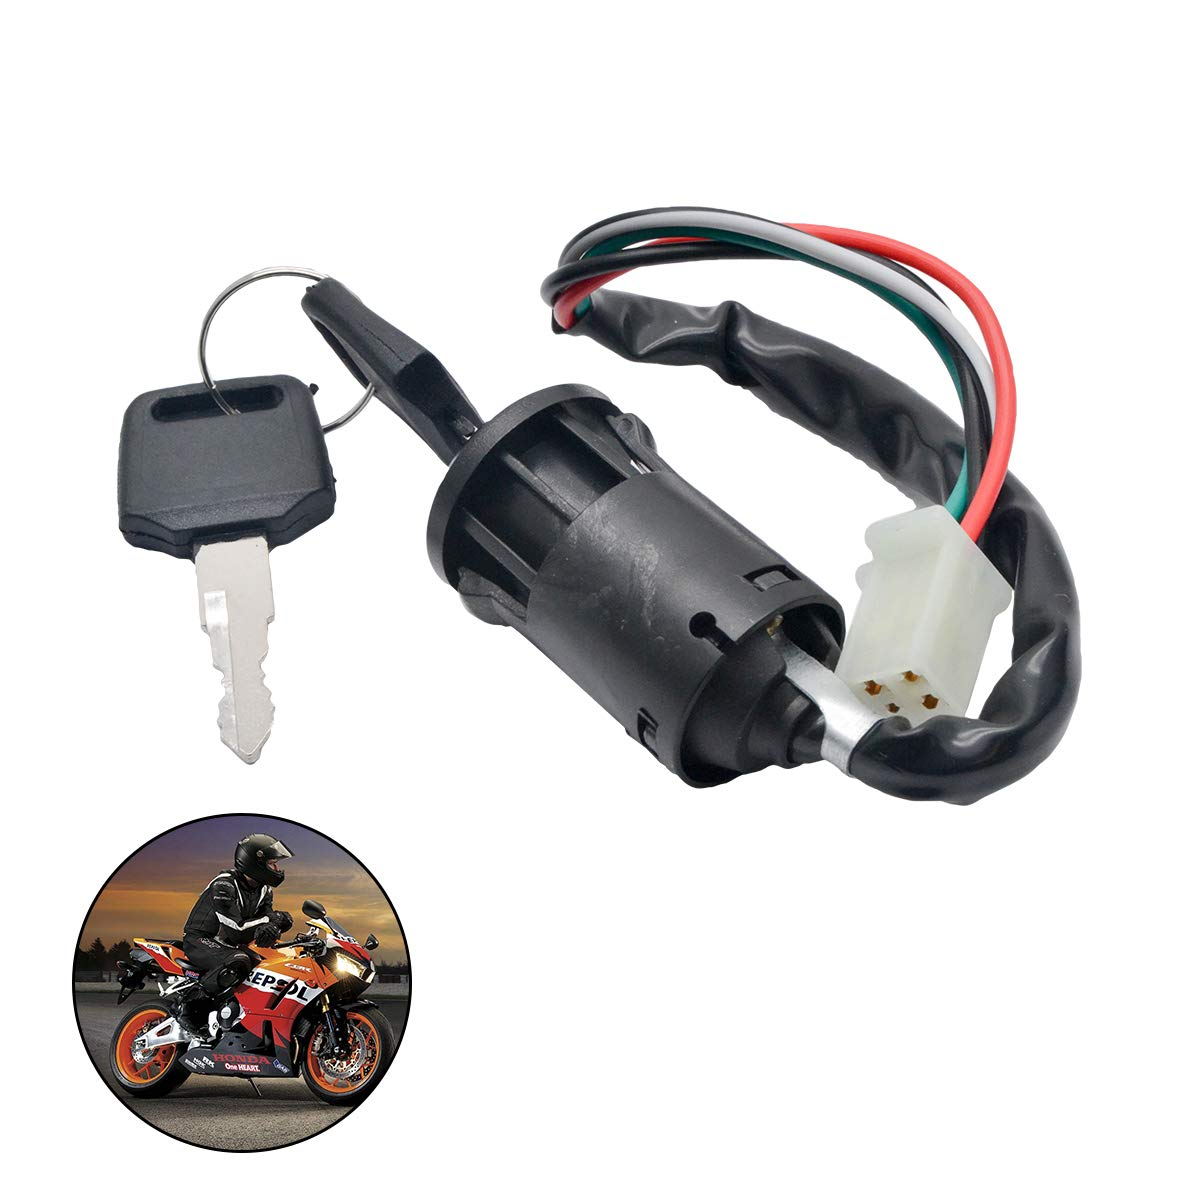 70 cc 110 cc 125 cc PIT Quad Dirt Bike ATV Dune Buggy 90 cc Sistema de encendido de bobina de cableado el/éctrico completo MASO para motocicletas de cross de 50 cc